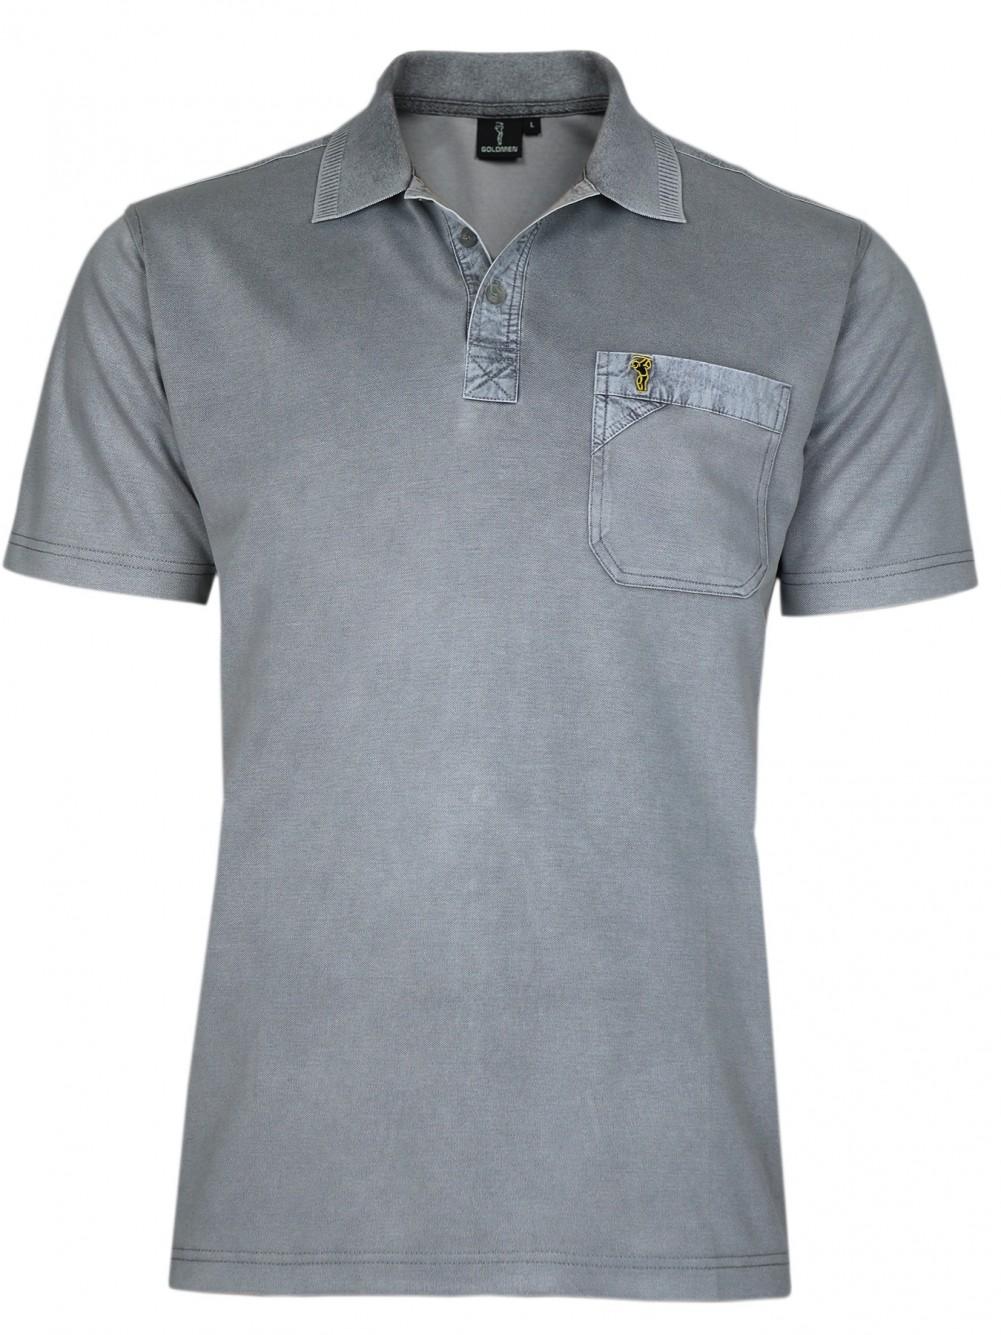 Poloshirt Piqué-Polo aus Baumwoll-Stretch - Hellgrau